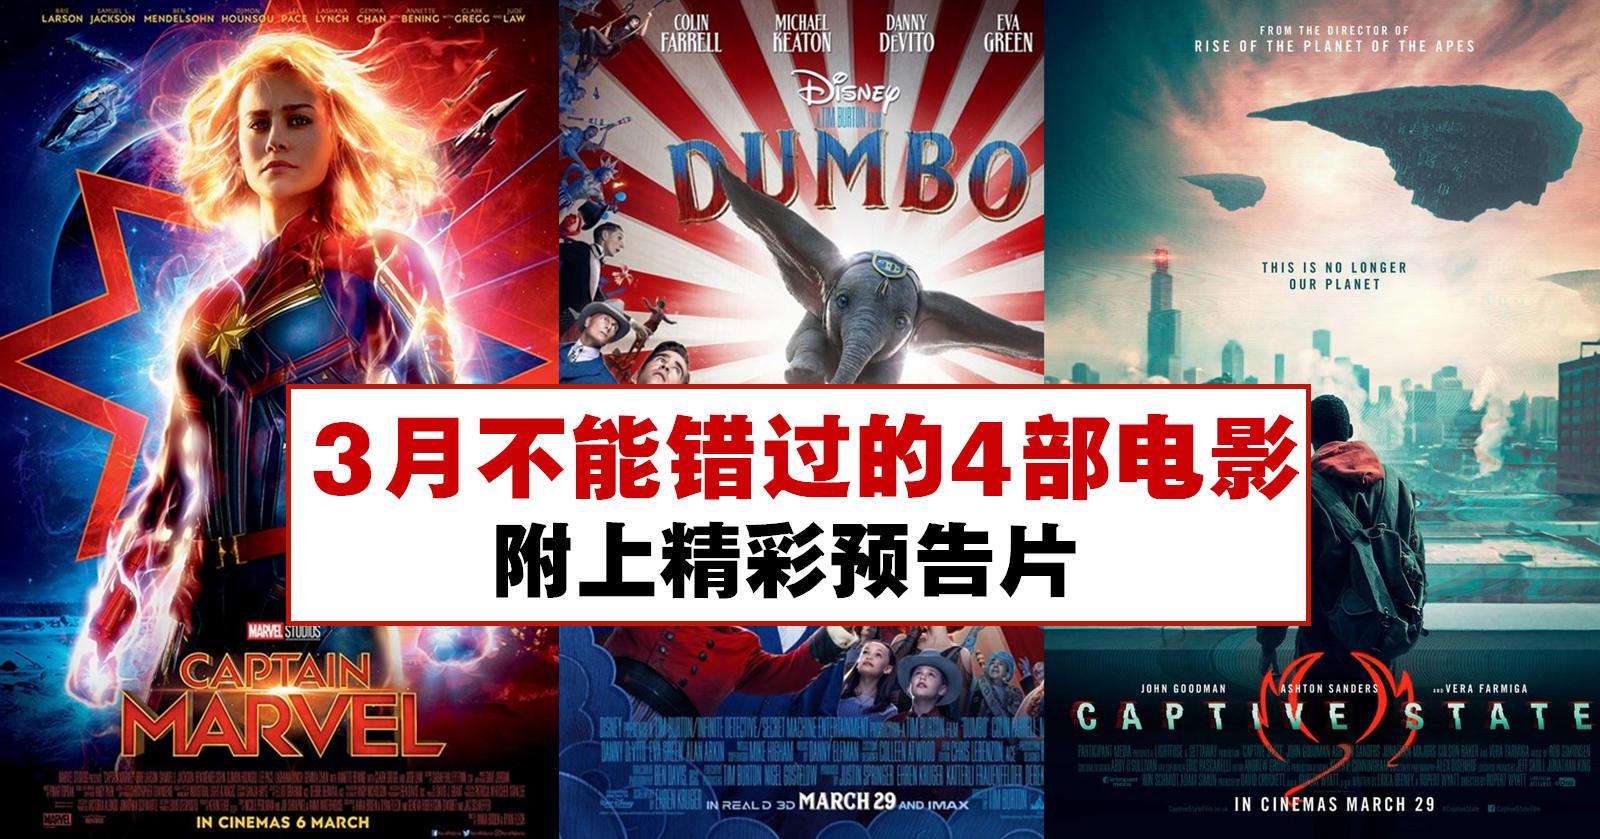 3月不能错过的4部电影